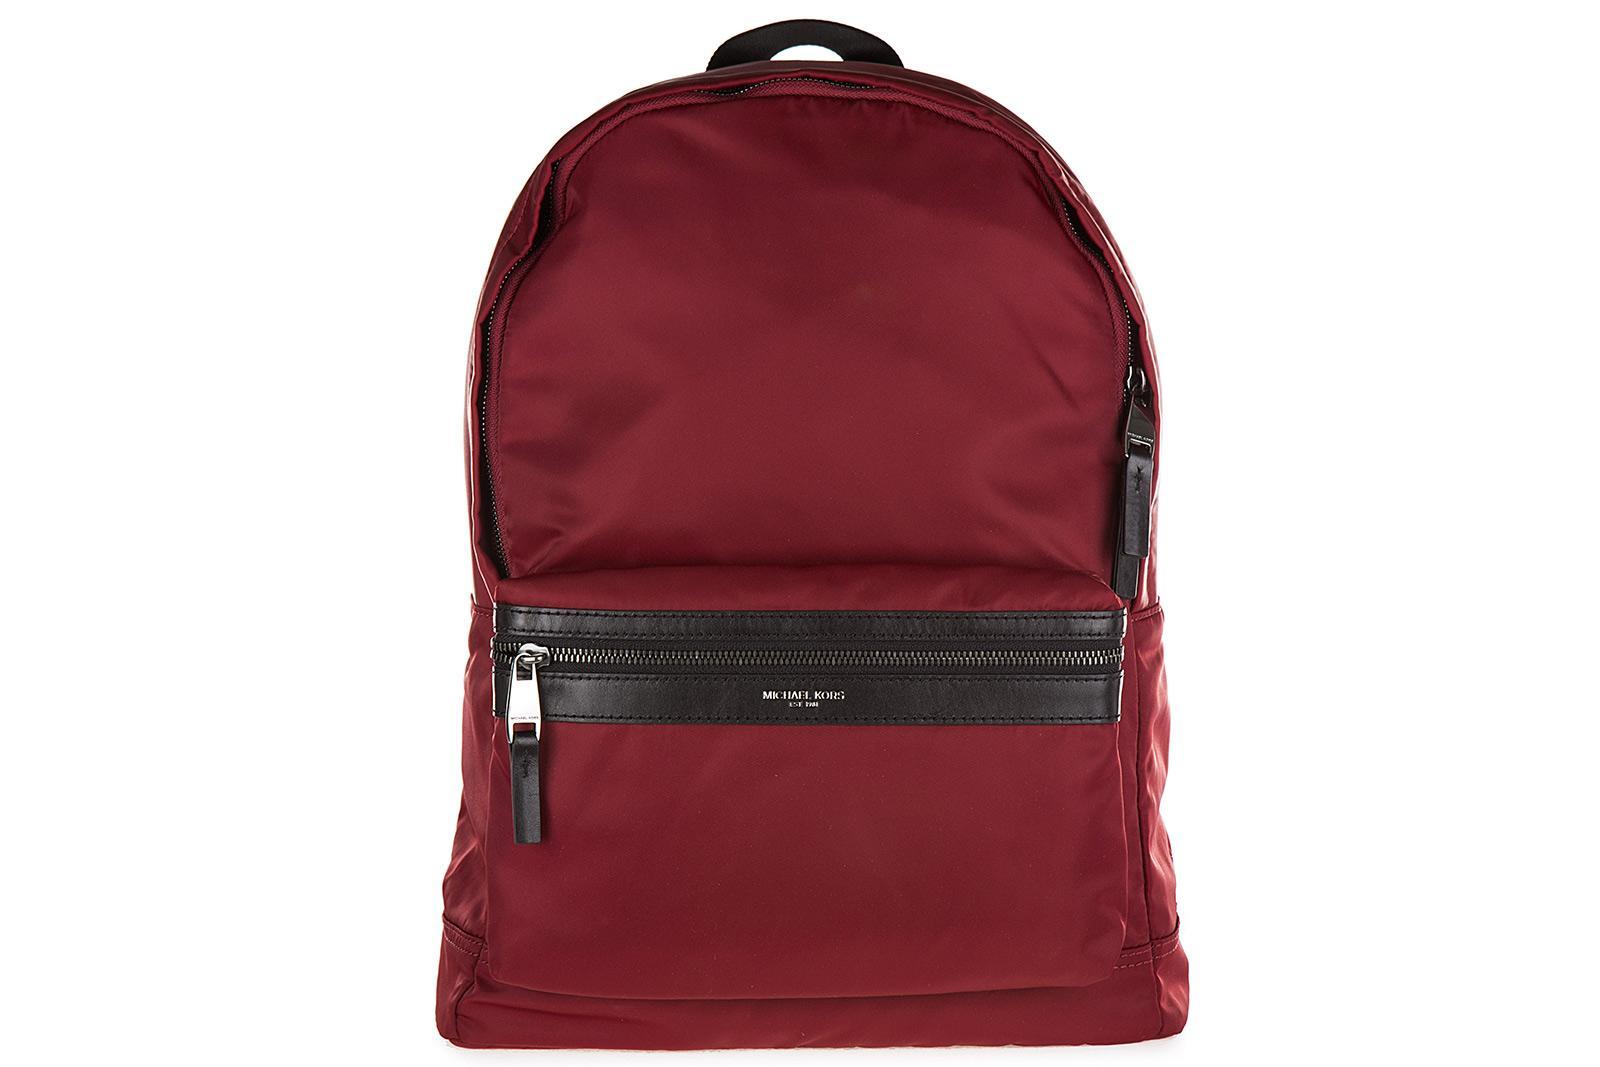 d666e012e39c Michael Kors Men's Nylon Rucksack Backpack Travel Kent In Red | ModeSens